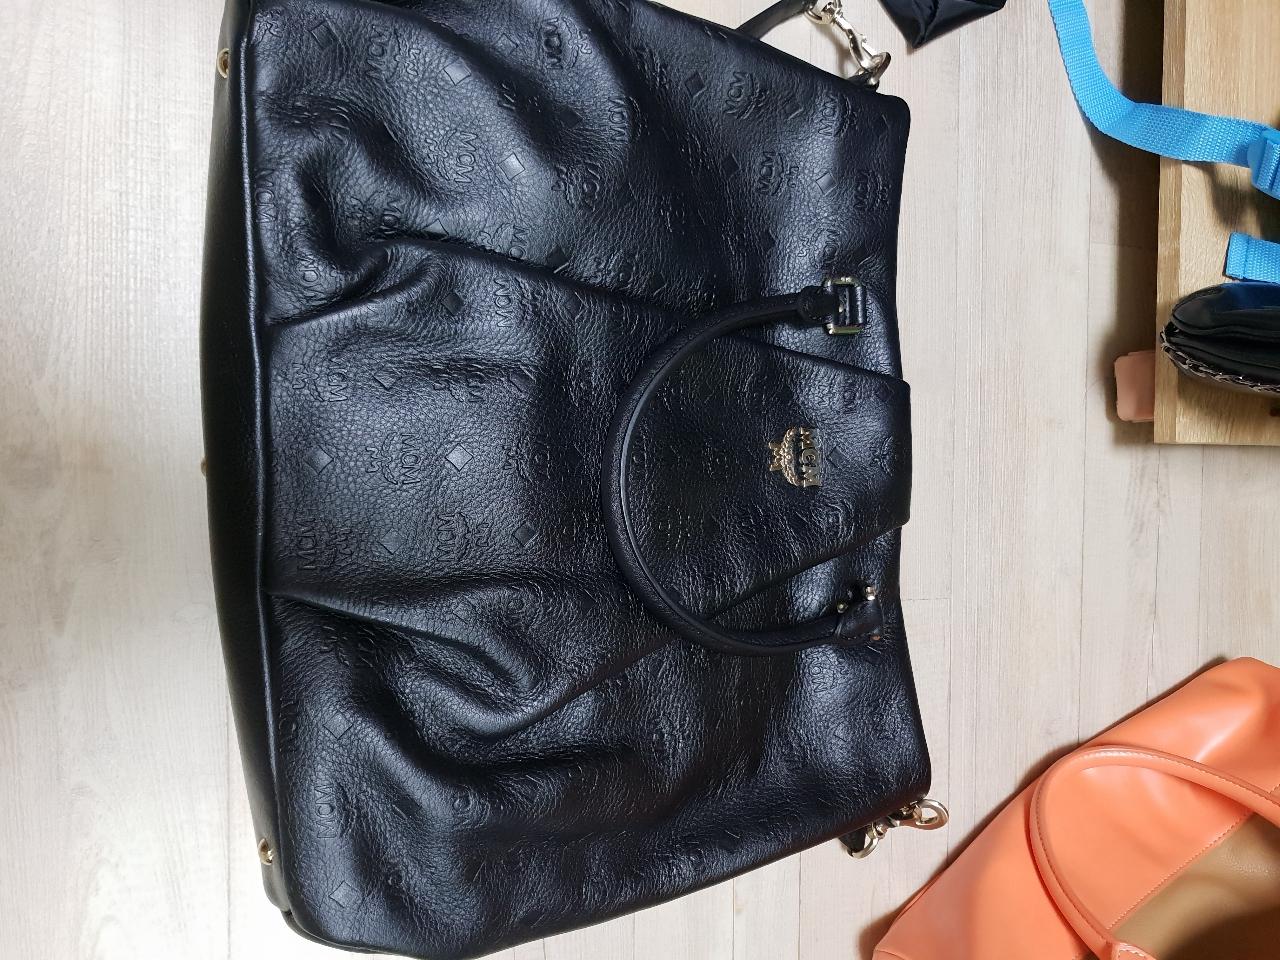 MCM 가방. 서류가방. 핸드백. 숄더백. 마지막 가격내림 명품백